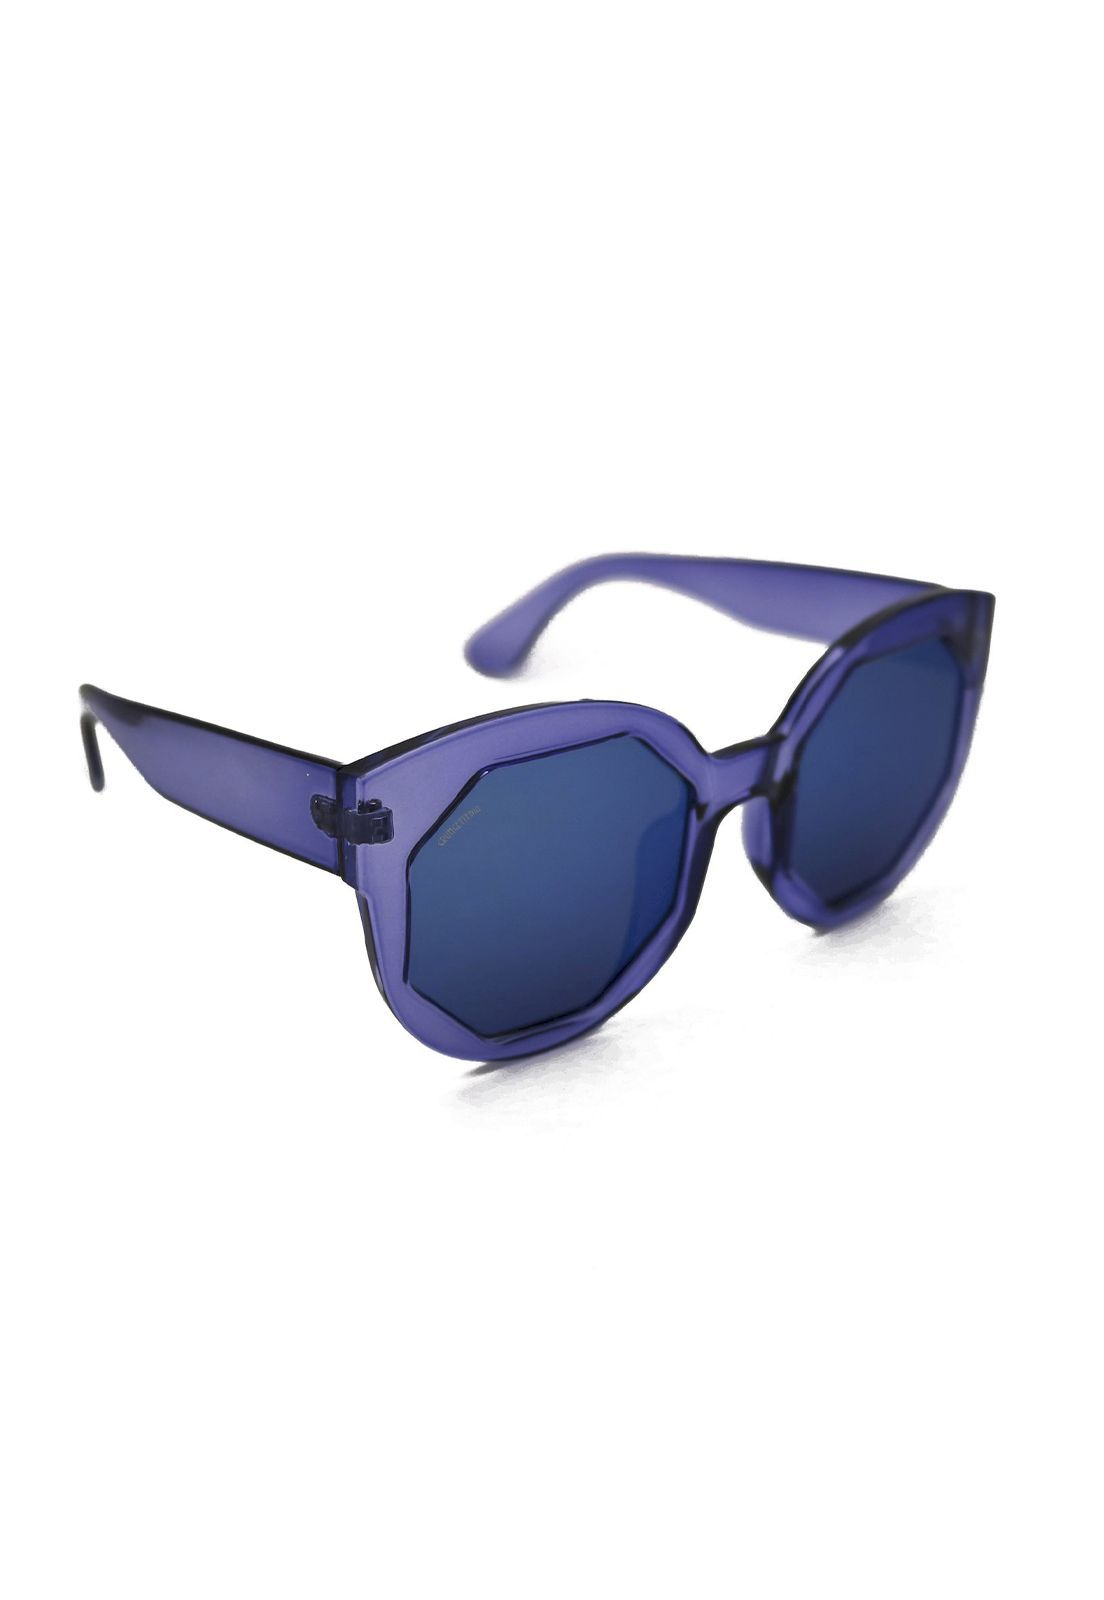 Óculos de Sol Grungetteria Octógono Azul